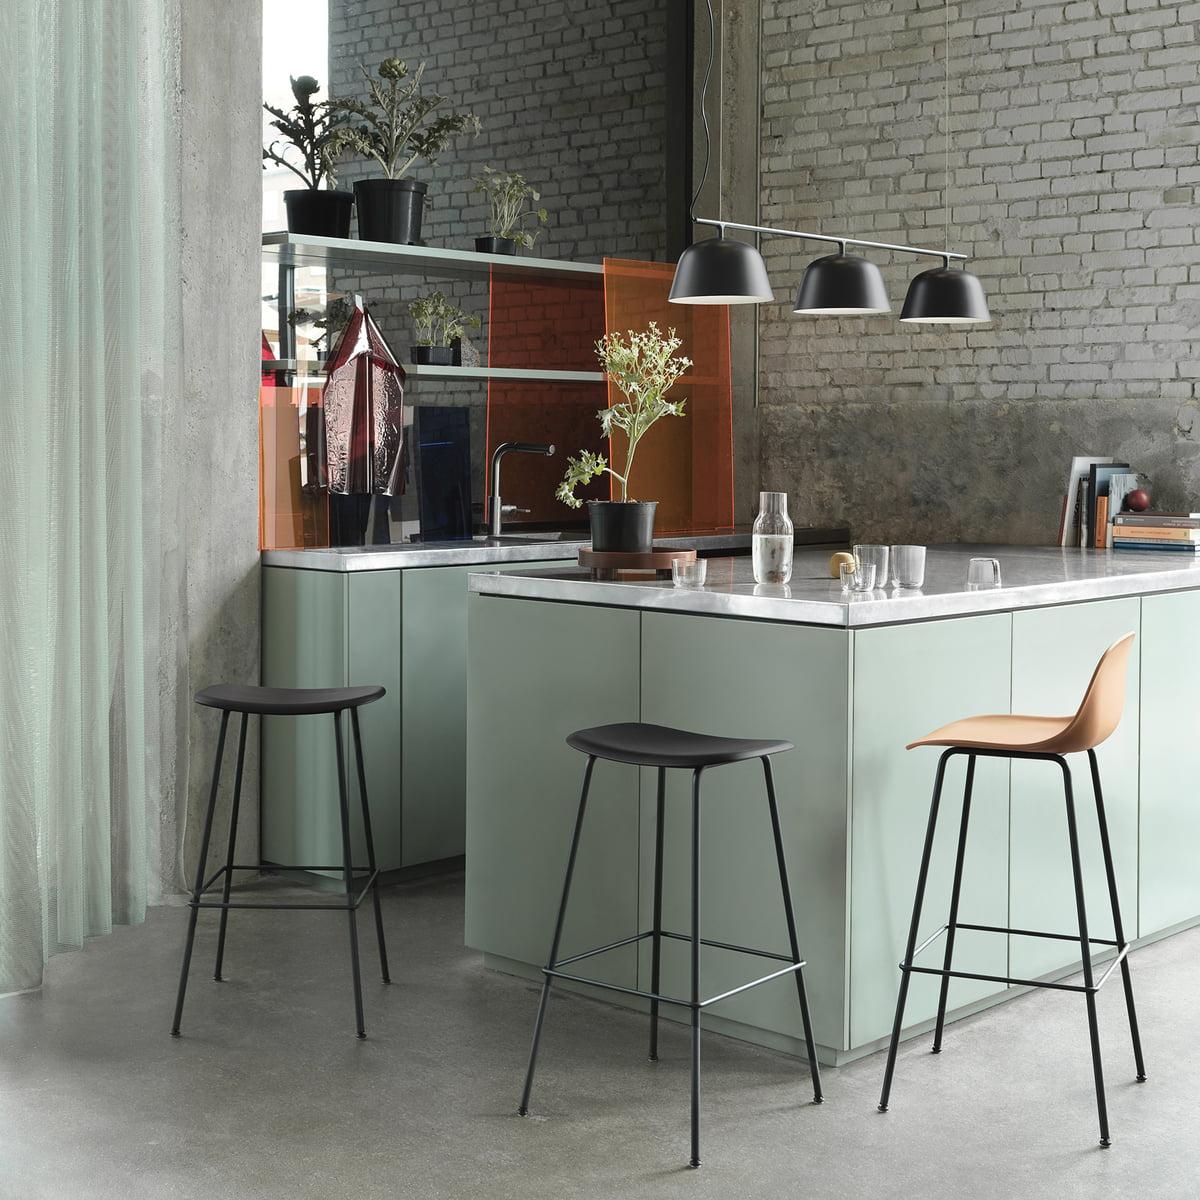 Fiber Muuto Stool Series In The Kitchen